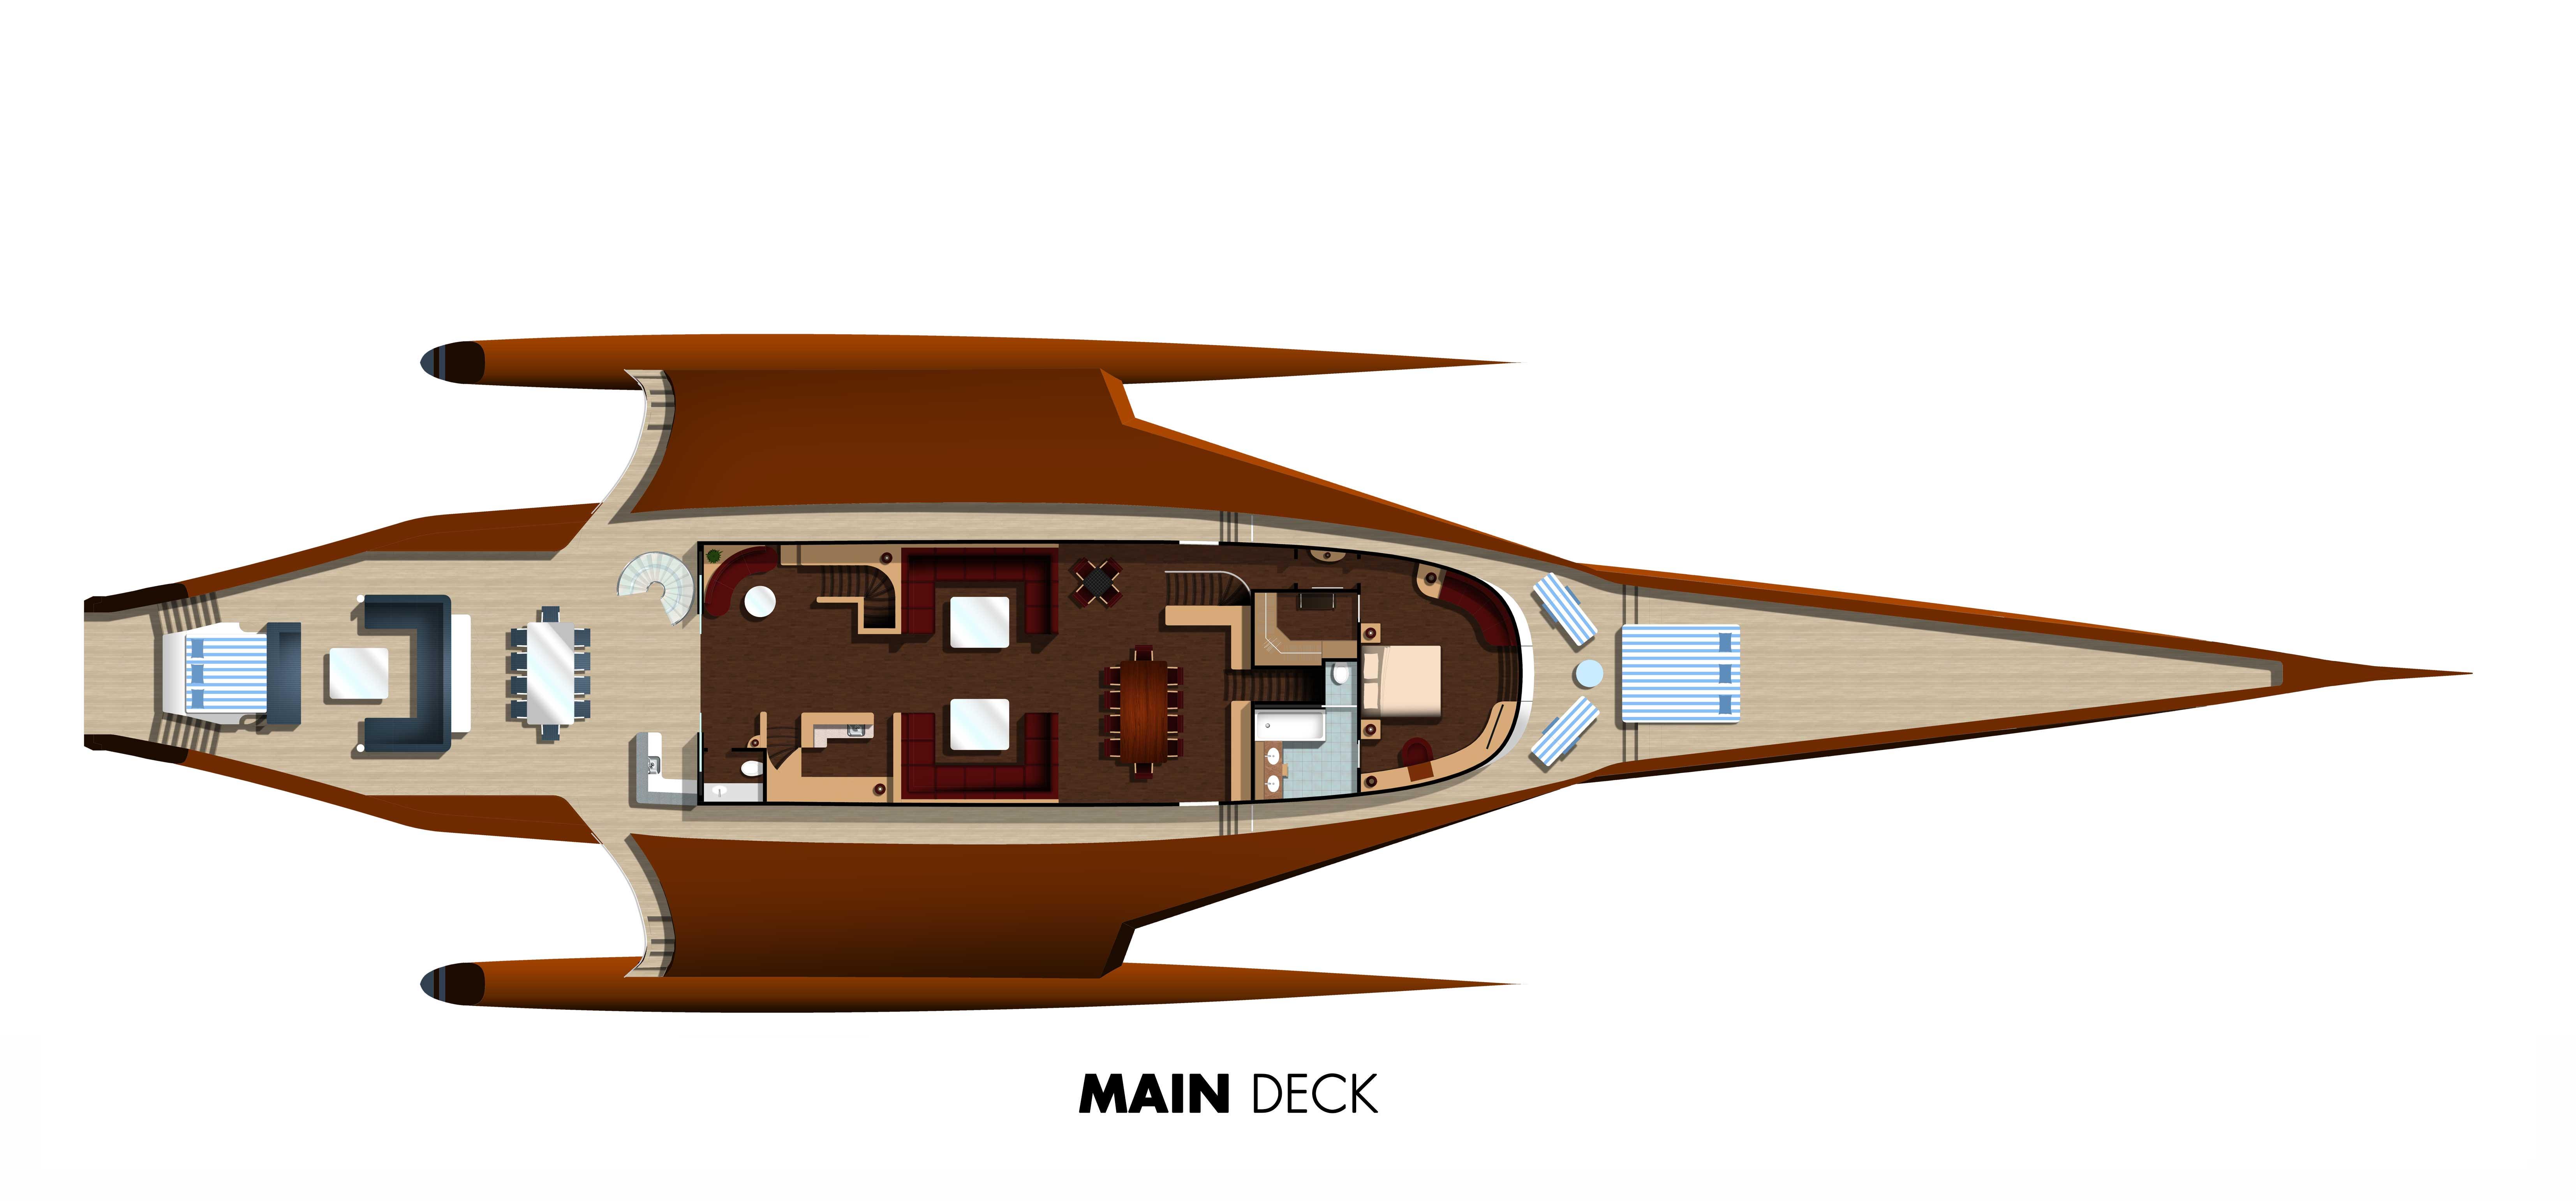 Aston martin superyacht